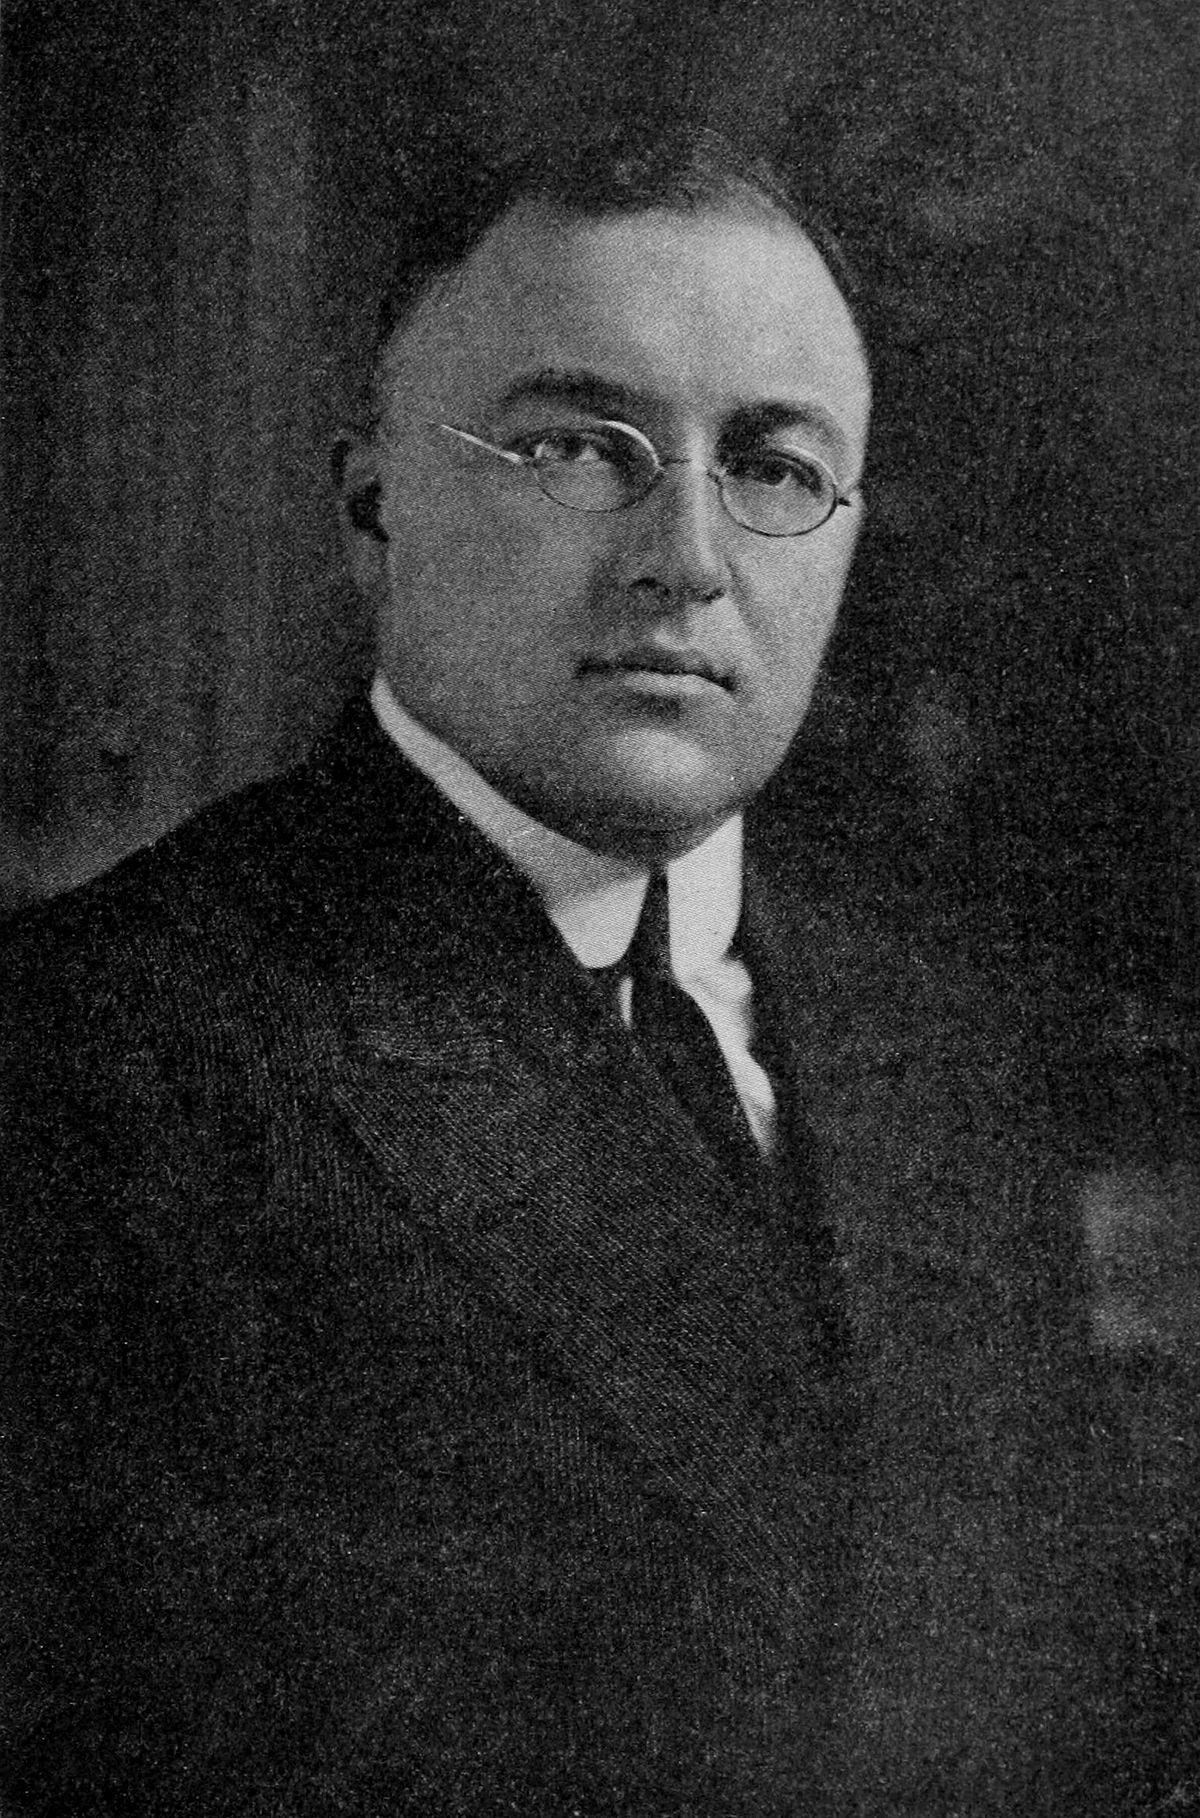 Boris Vinogradov Soviet Diplomat Boris Bakhmeteff - Wik...